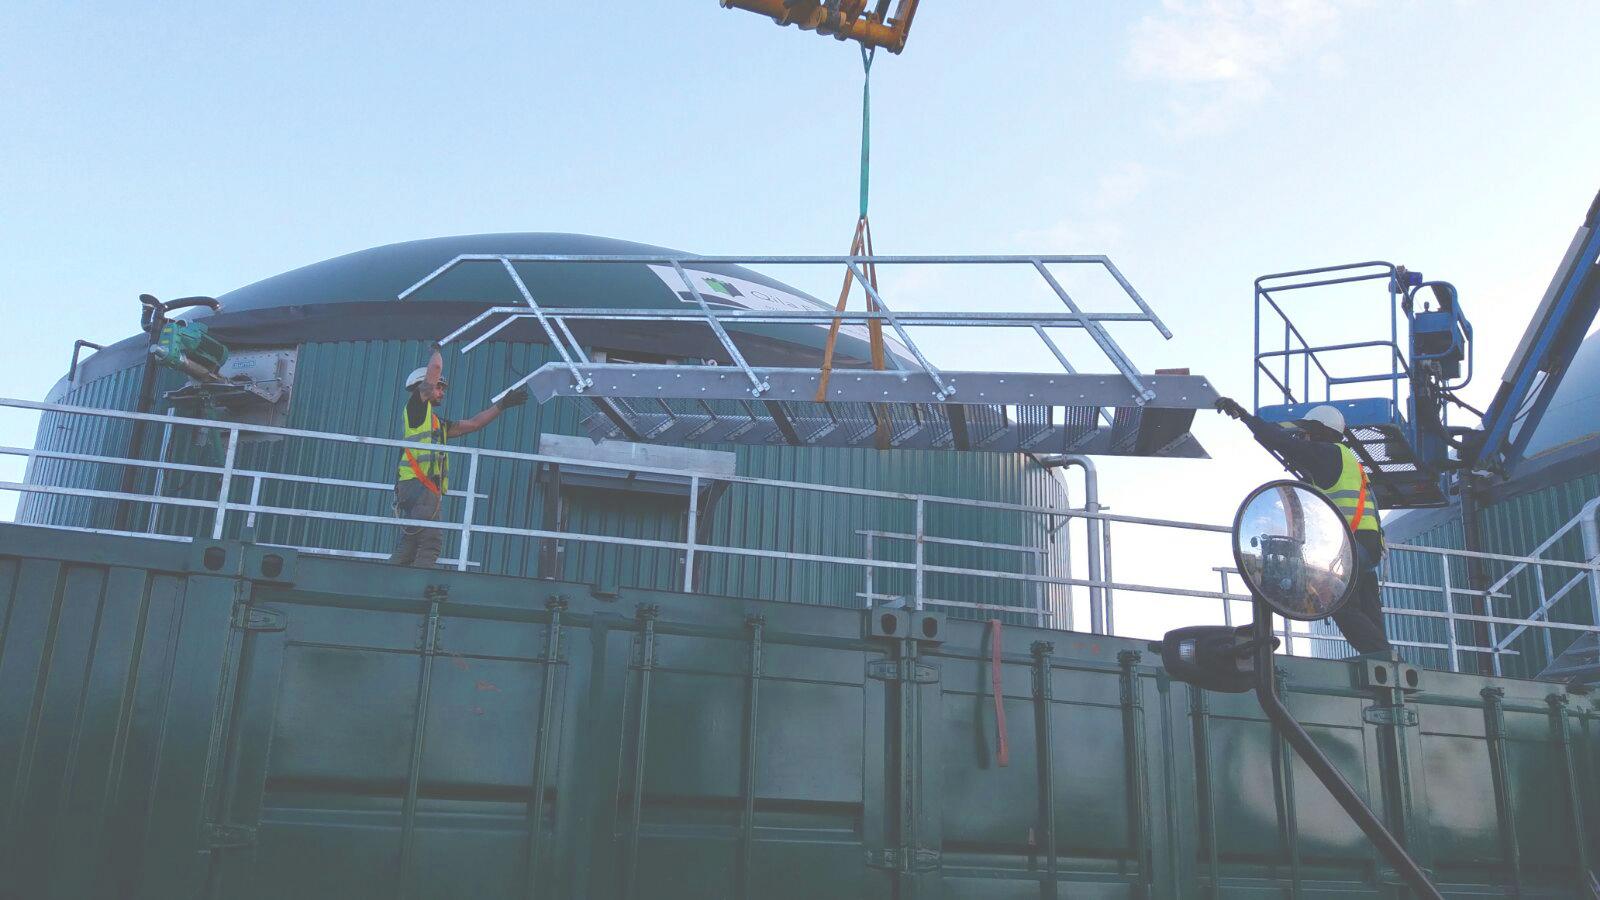 Biogas Stracathro United Kingdom 11 Escaleras y Plataformas-Planta de Biogás de 1MW en Stracathro Reino Unido